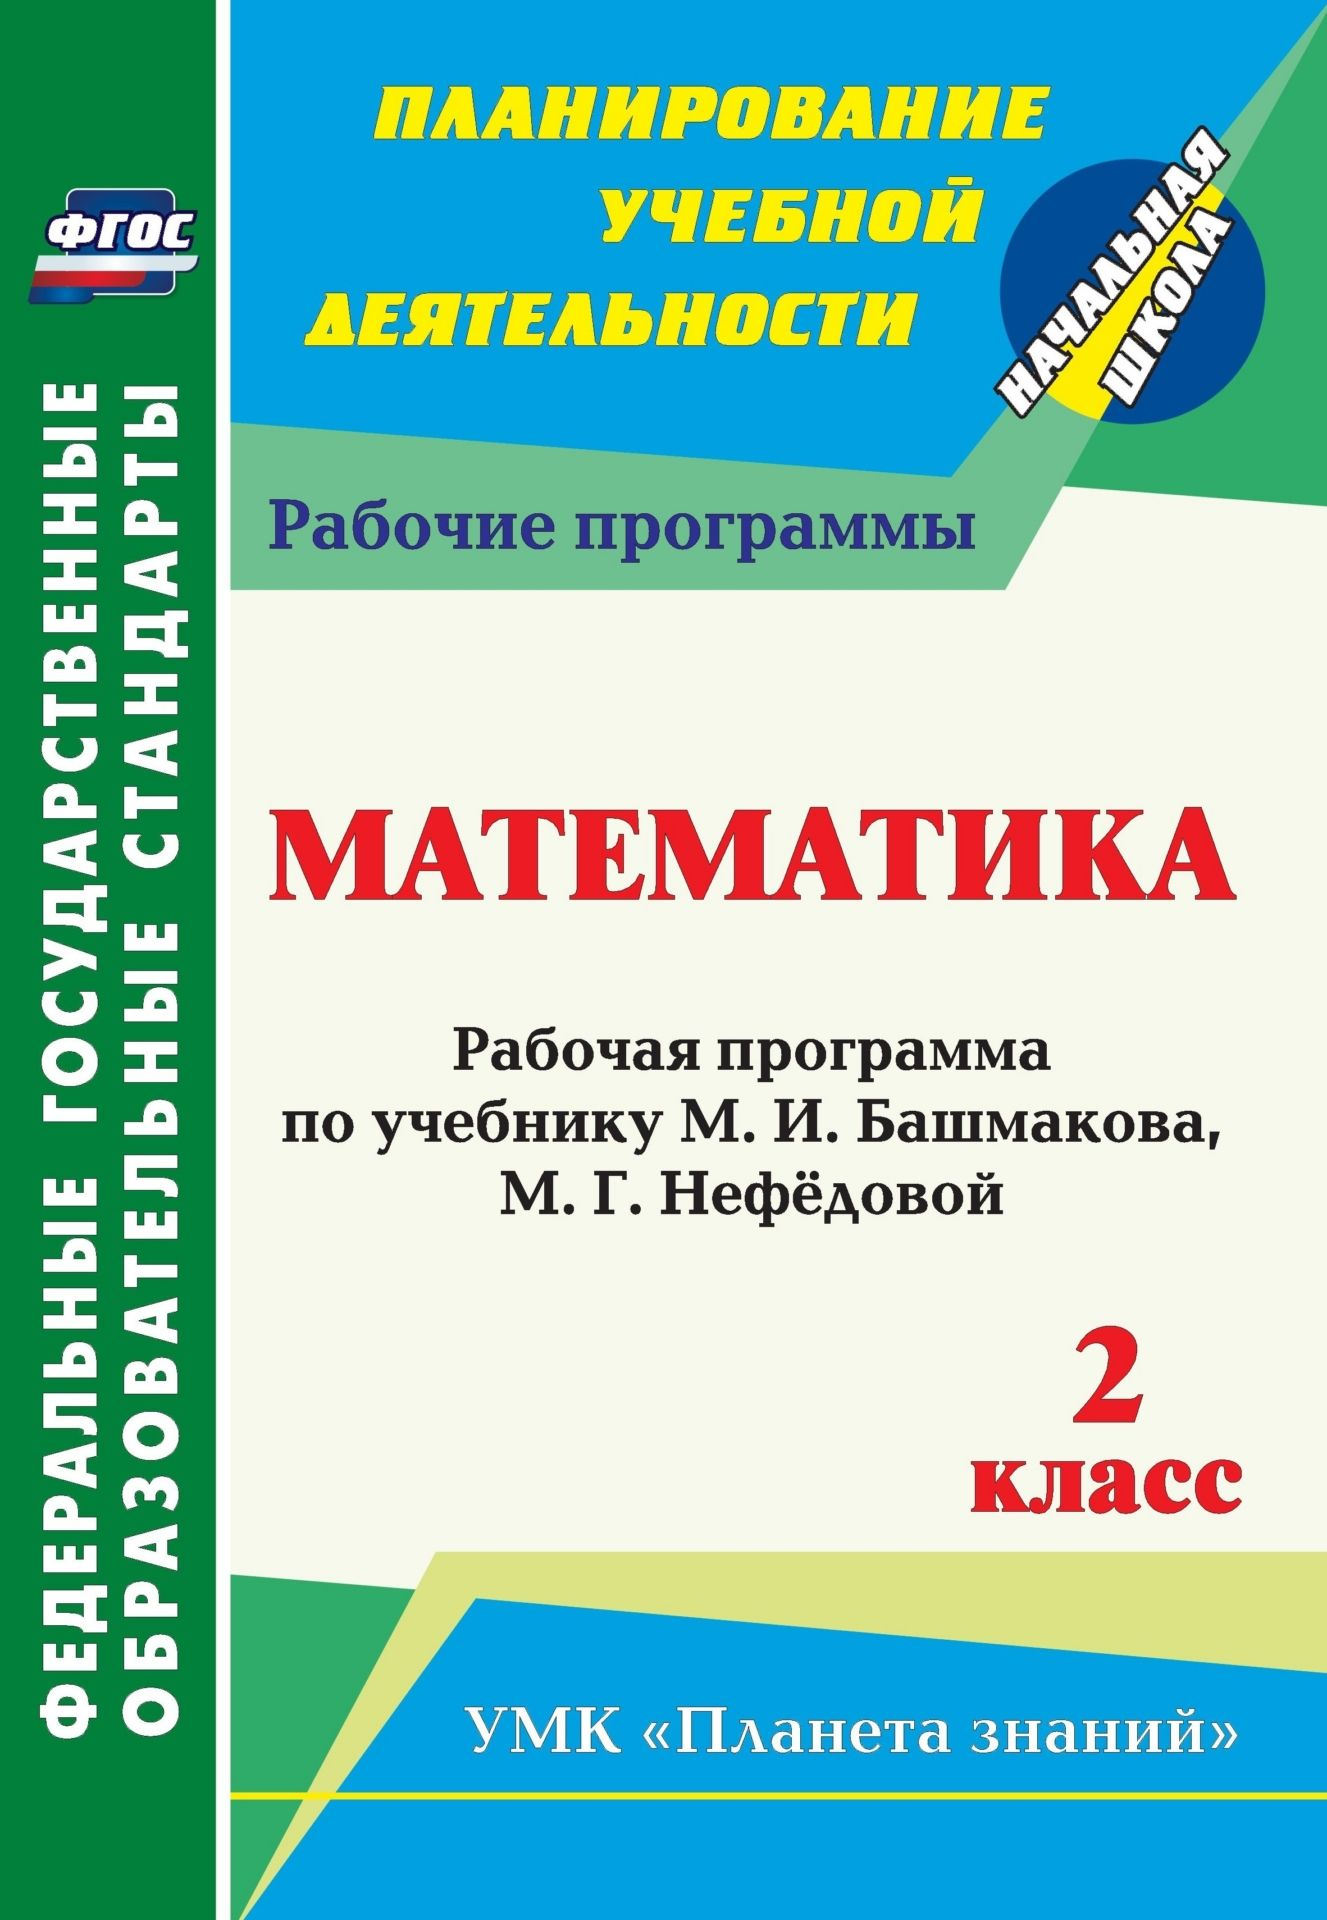 Математика. 2 класс: рабочая программа по учебнику М. И. Башмакова, М. Г. НефёдовойПредметы<br>В пособии представлена рабочая программа курса математики для 2 класса, разработанная в соответствии с требованиями федерального государственного образовательного стандарта начального общего образования, с учетом рекомендаций Примерной основной образовате...<br><br>Авторы: Архарова О. В.<br>Год: 2013<br>Серия: ФГОС. Планирование учебной деятельности<br>ISBN: 978-5-7057-3442-9<br>Высота: 285<br>Ширина: 197<br>Толщина: 3<br>Переплёт: мягкая, скрепка